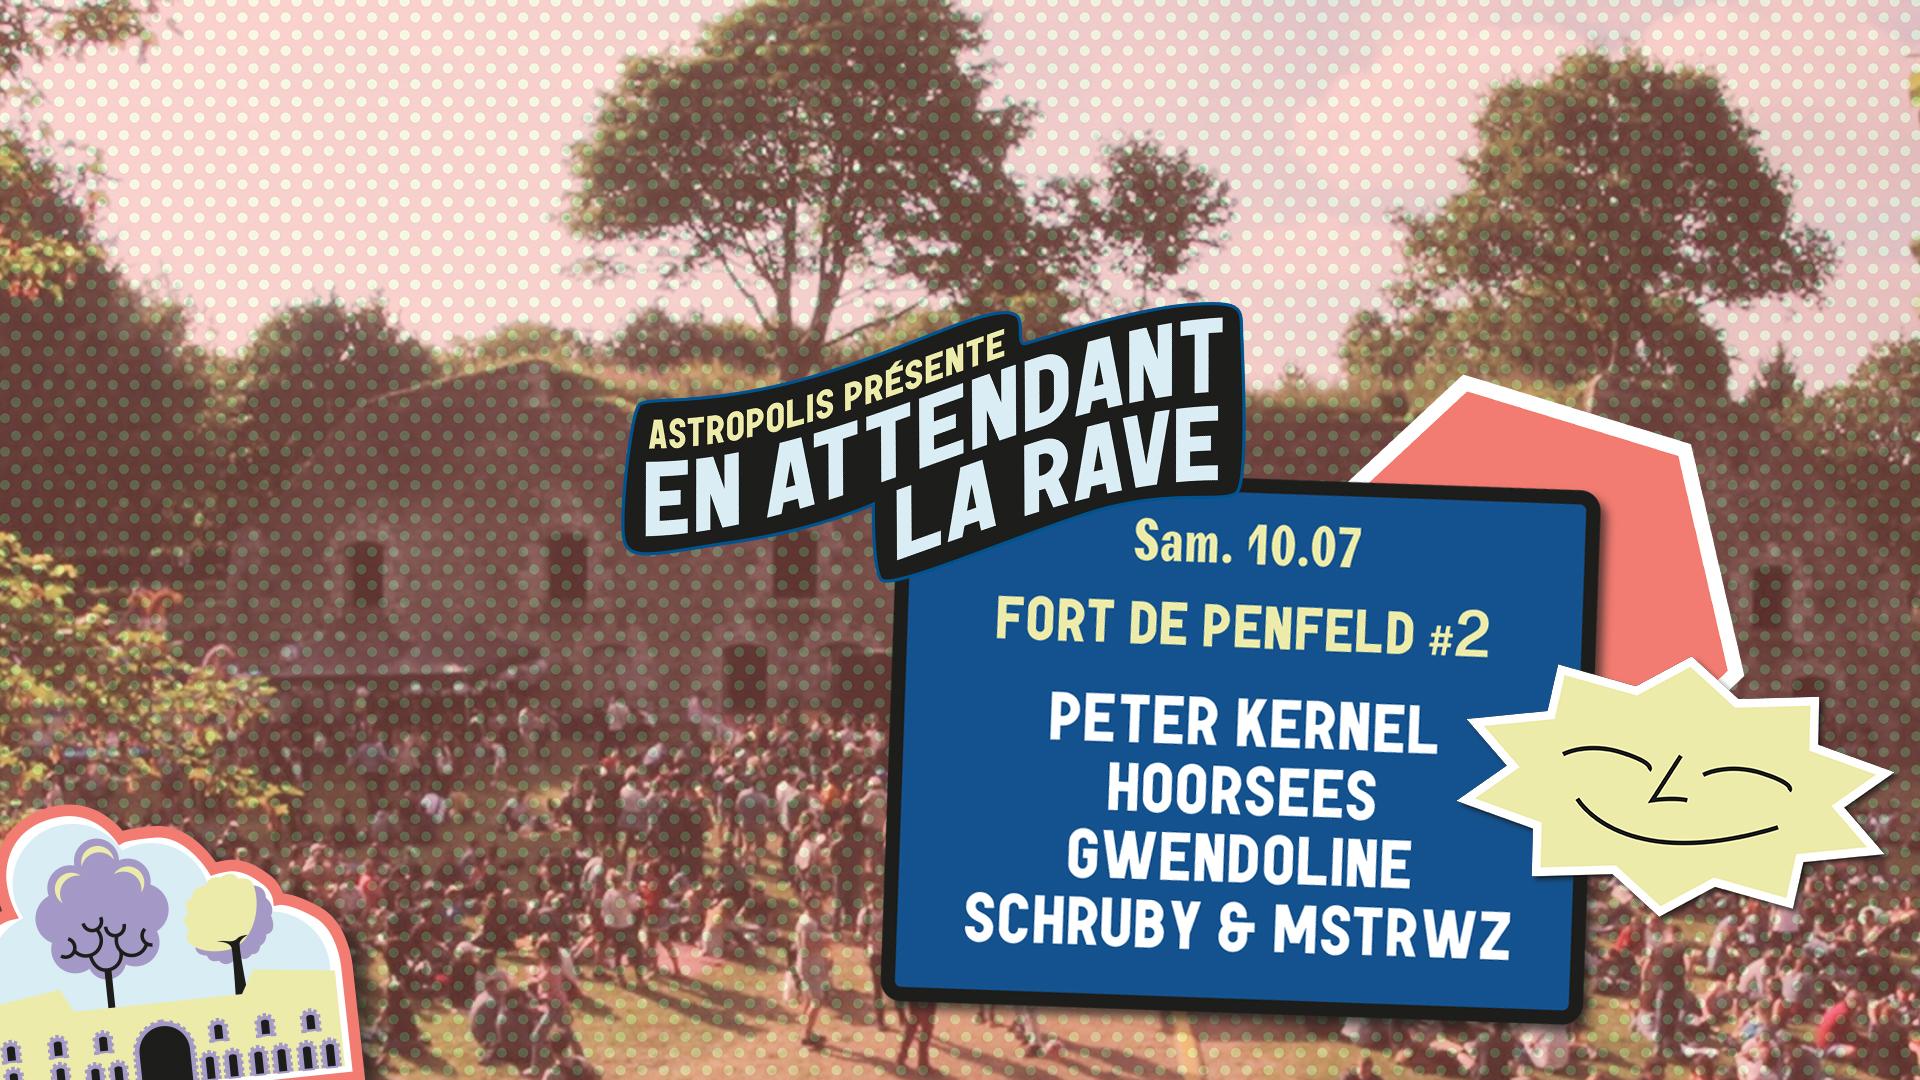 10/07 : Fort de Penfeld #2 - Peter Kernel + Hoorsees + Gwendoline + Schruby & Mstrwz